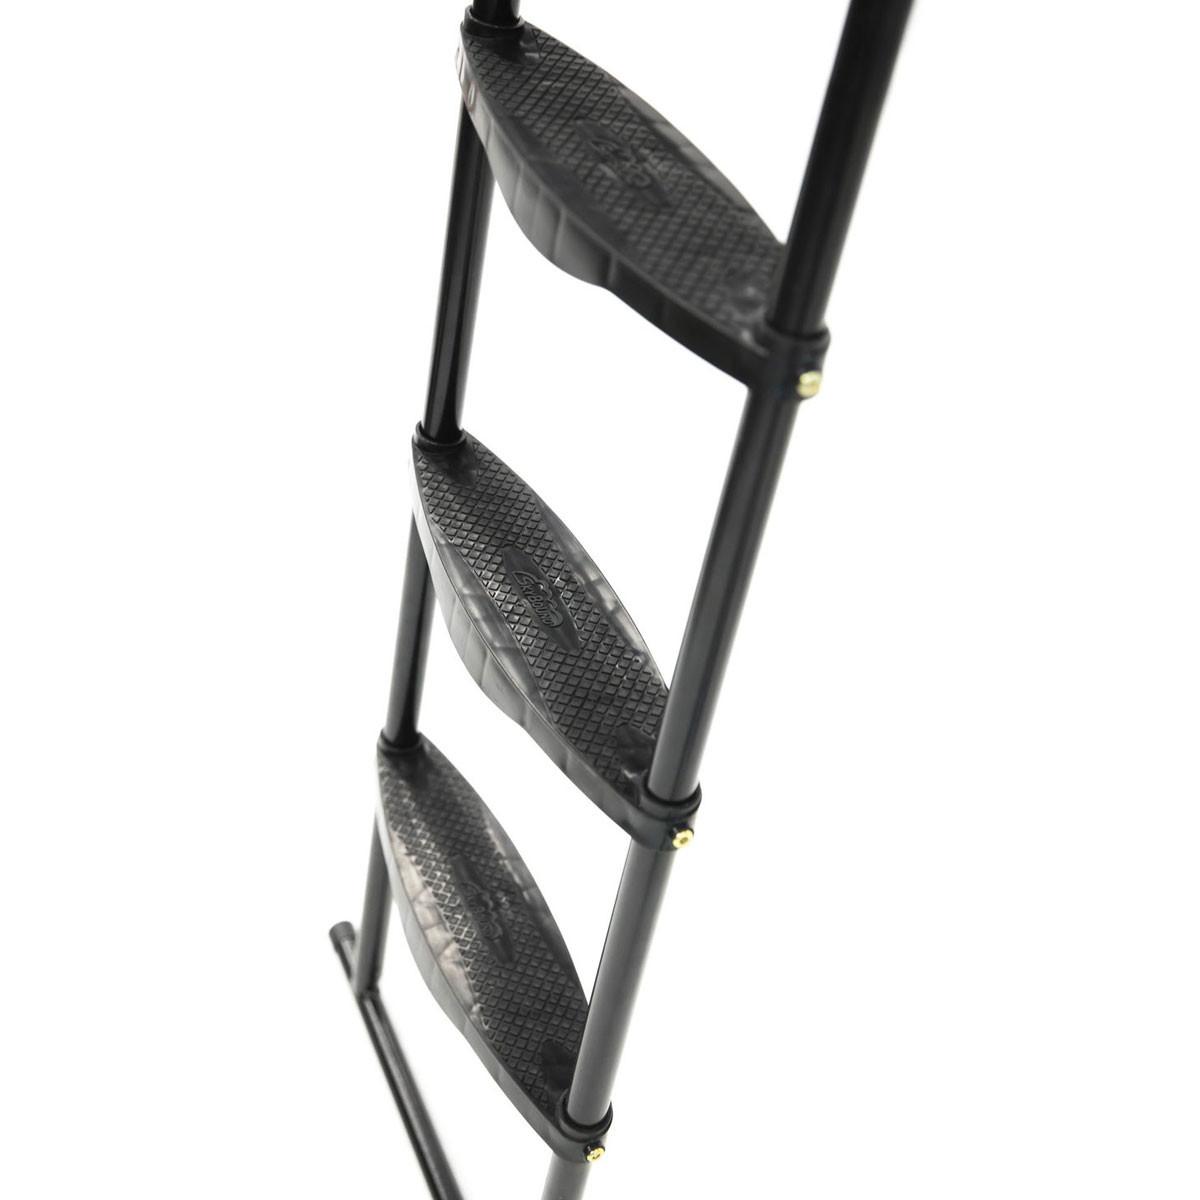 SkyBound 3-Step Adjustable Trampoline Ladder